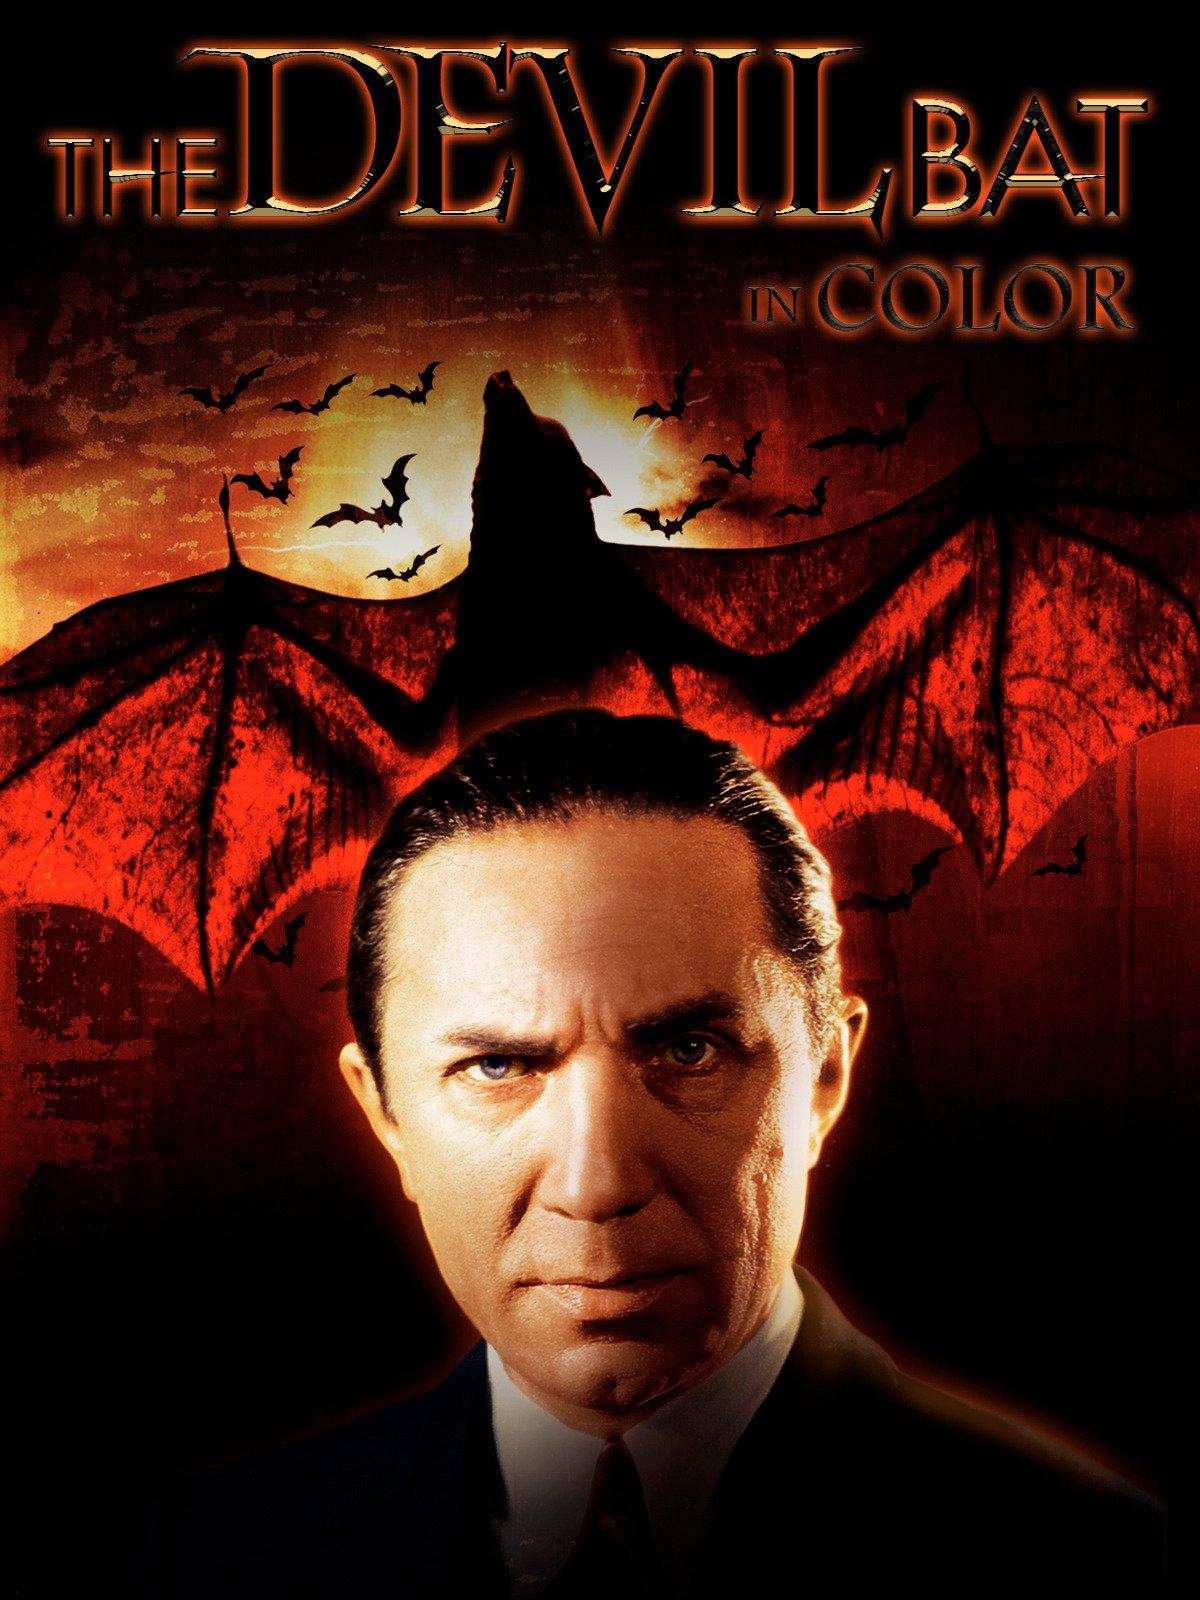 The Devil Bat (In Color)